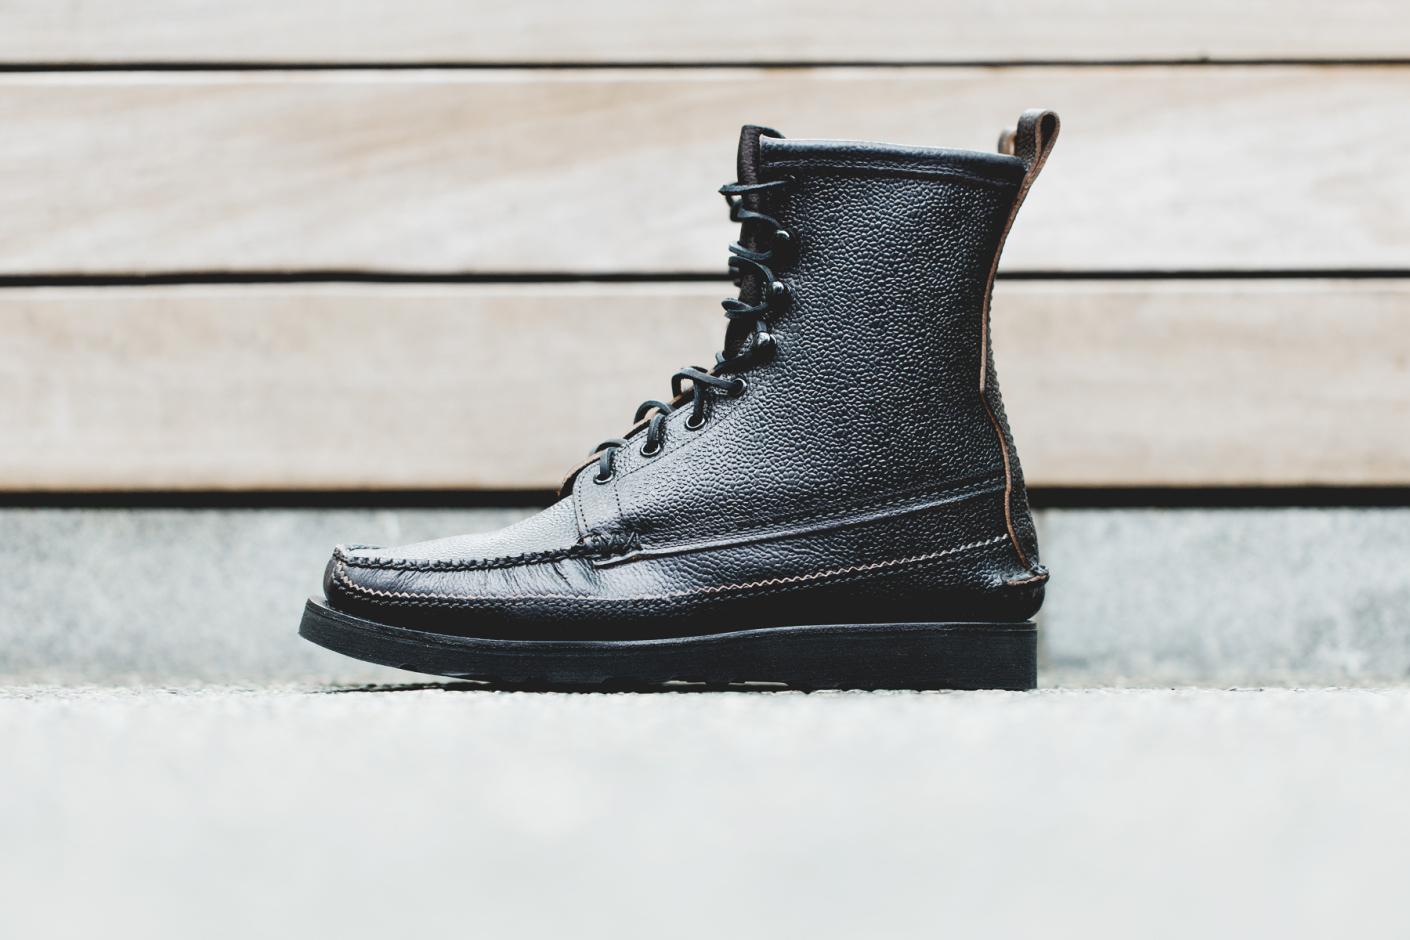 yuketen-2014-fall-winter-maine-guide-boots-8.jpg